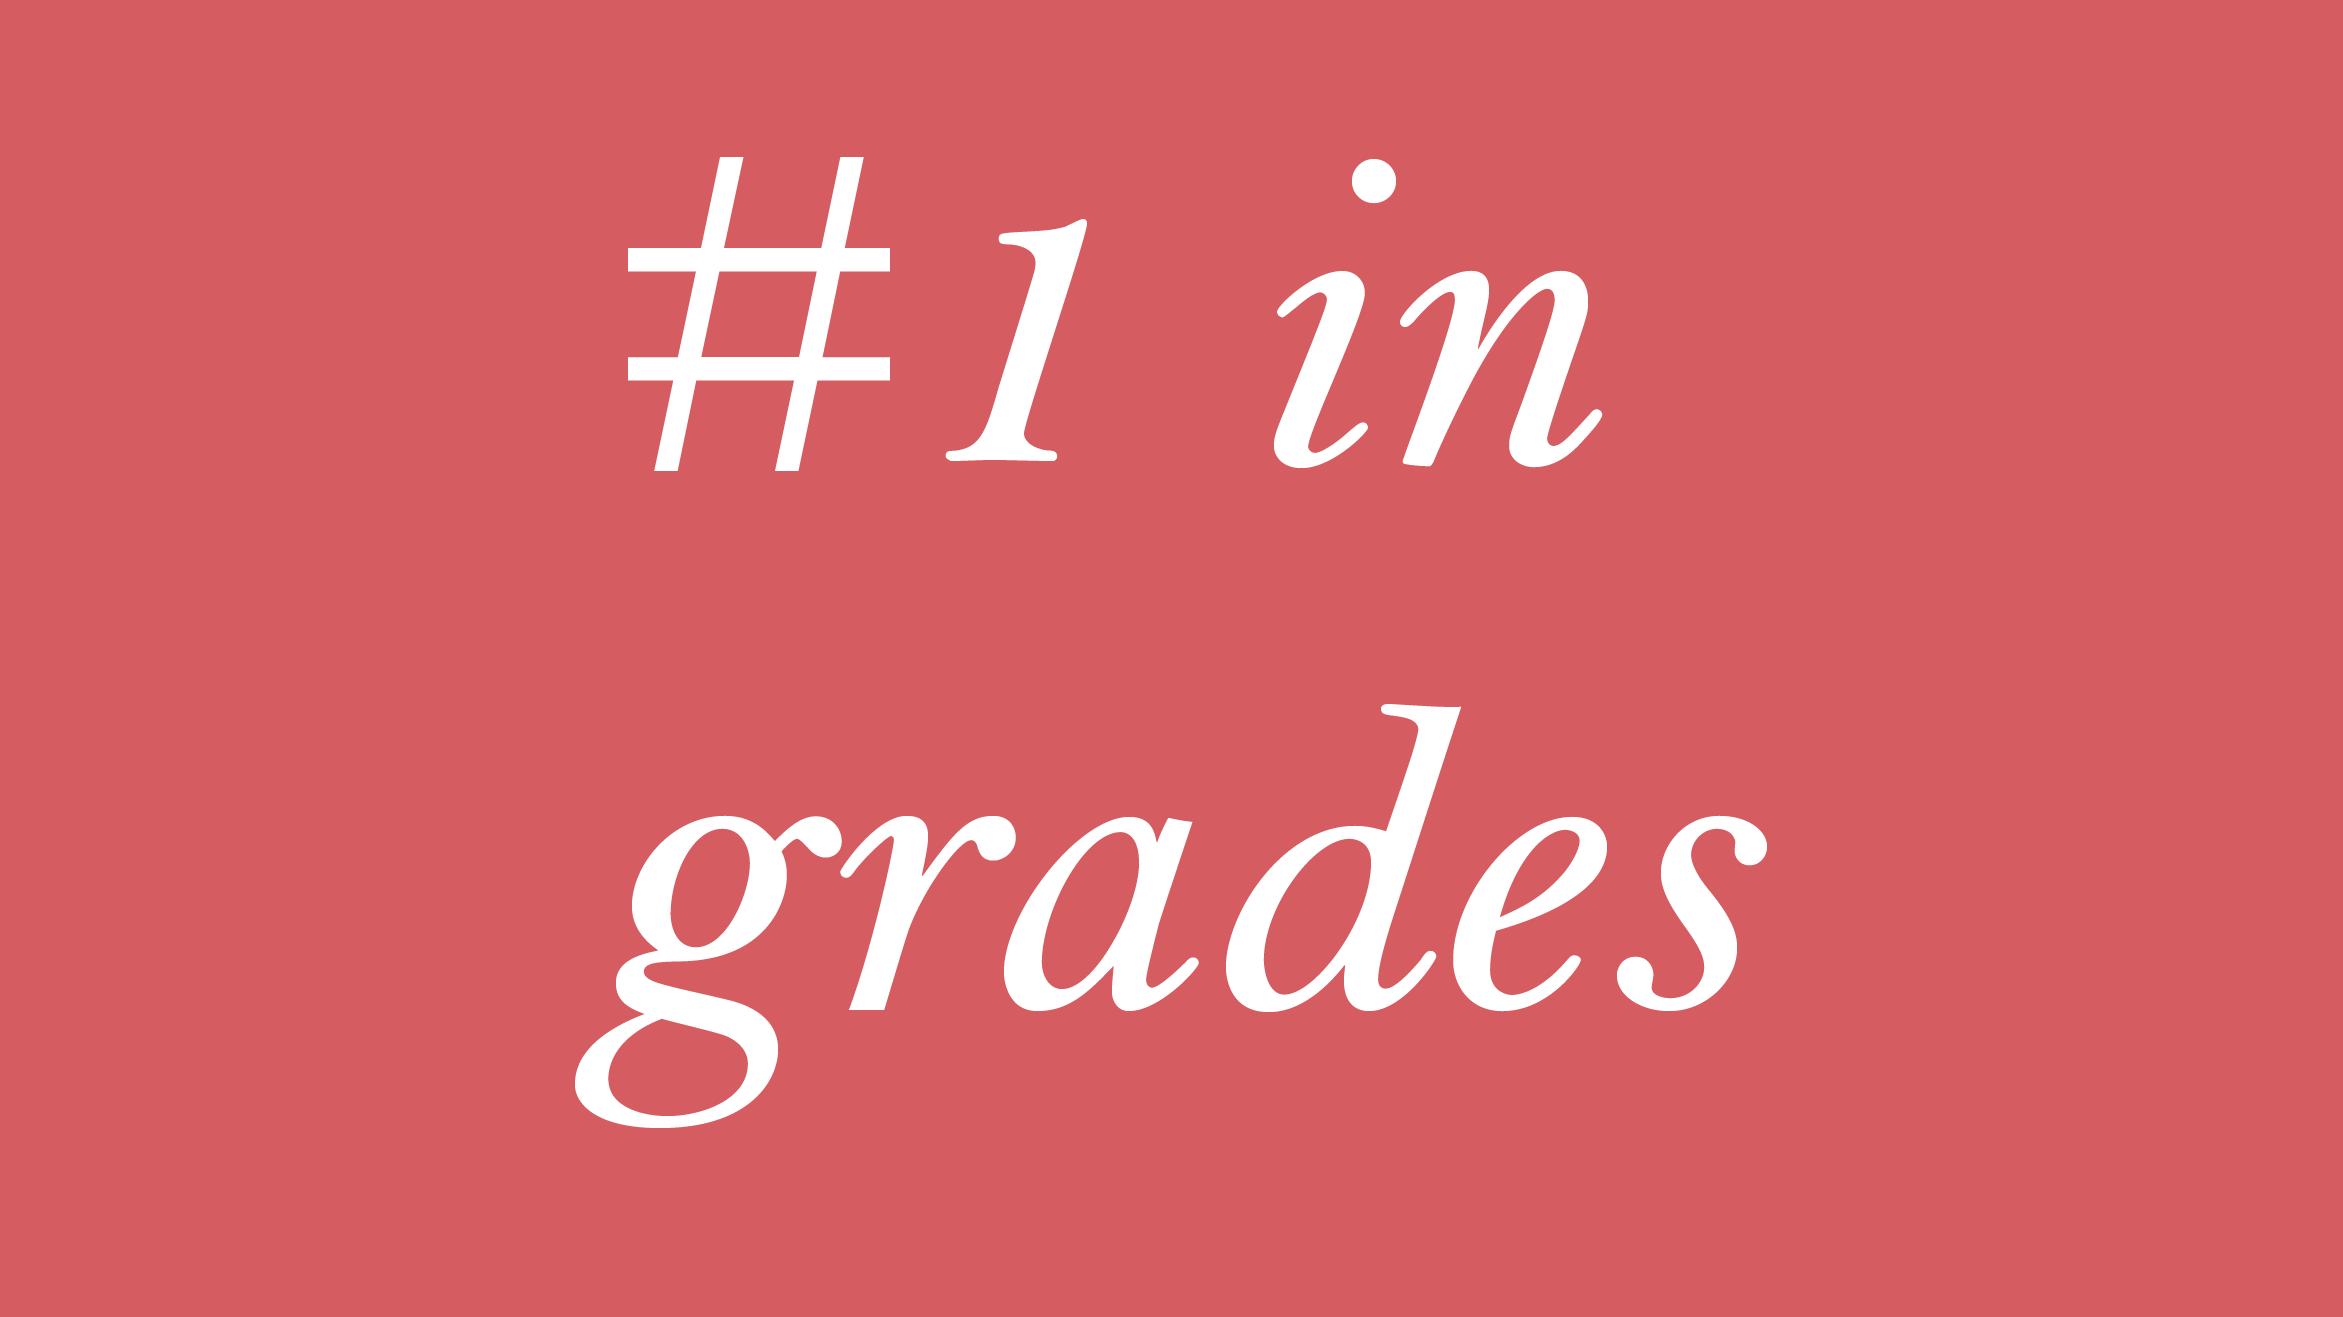 grades-01.png